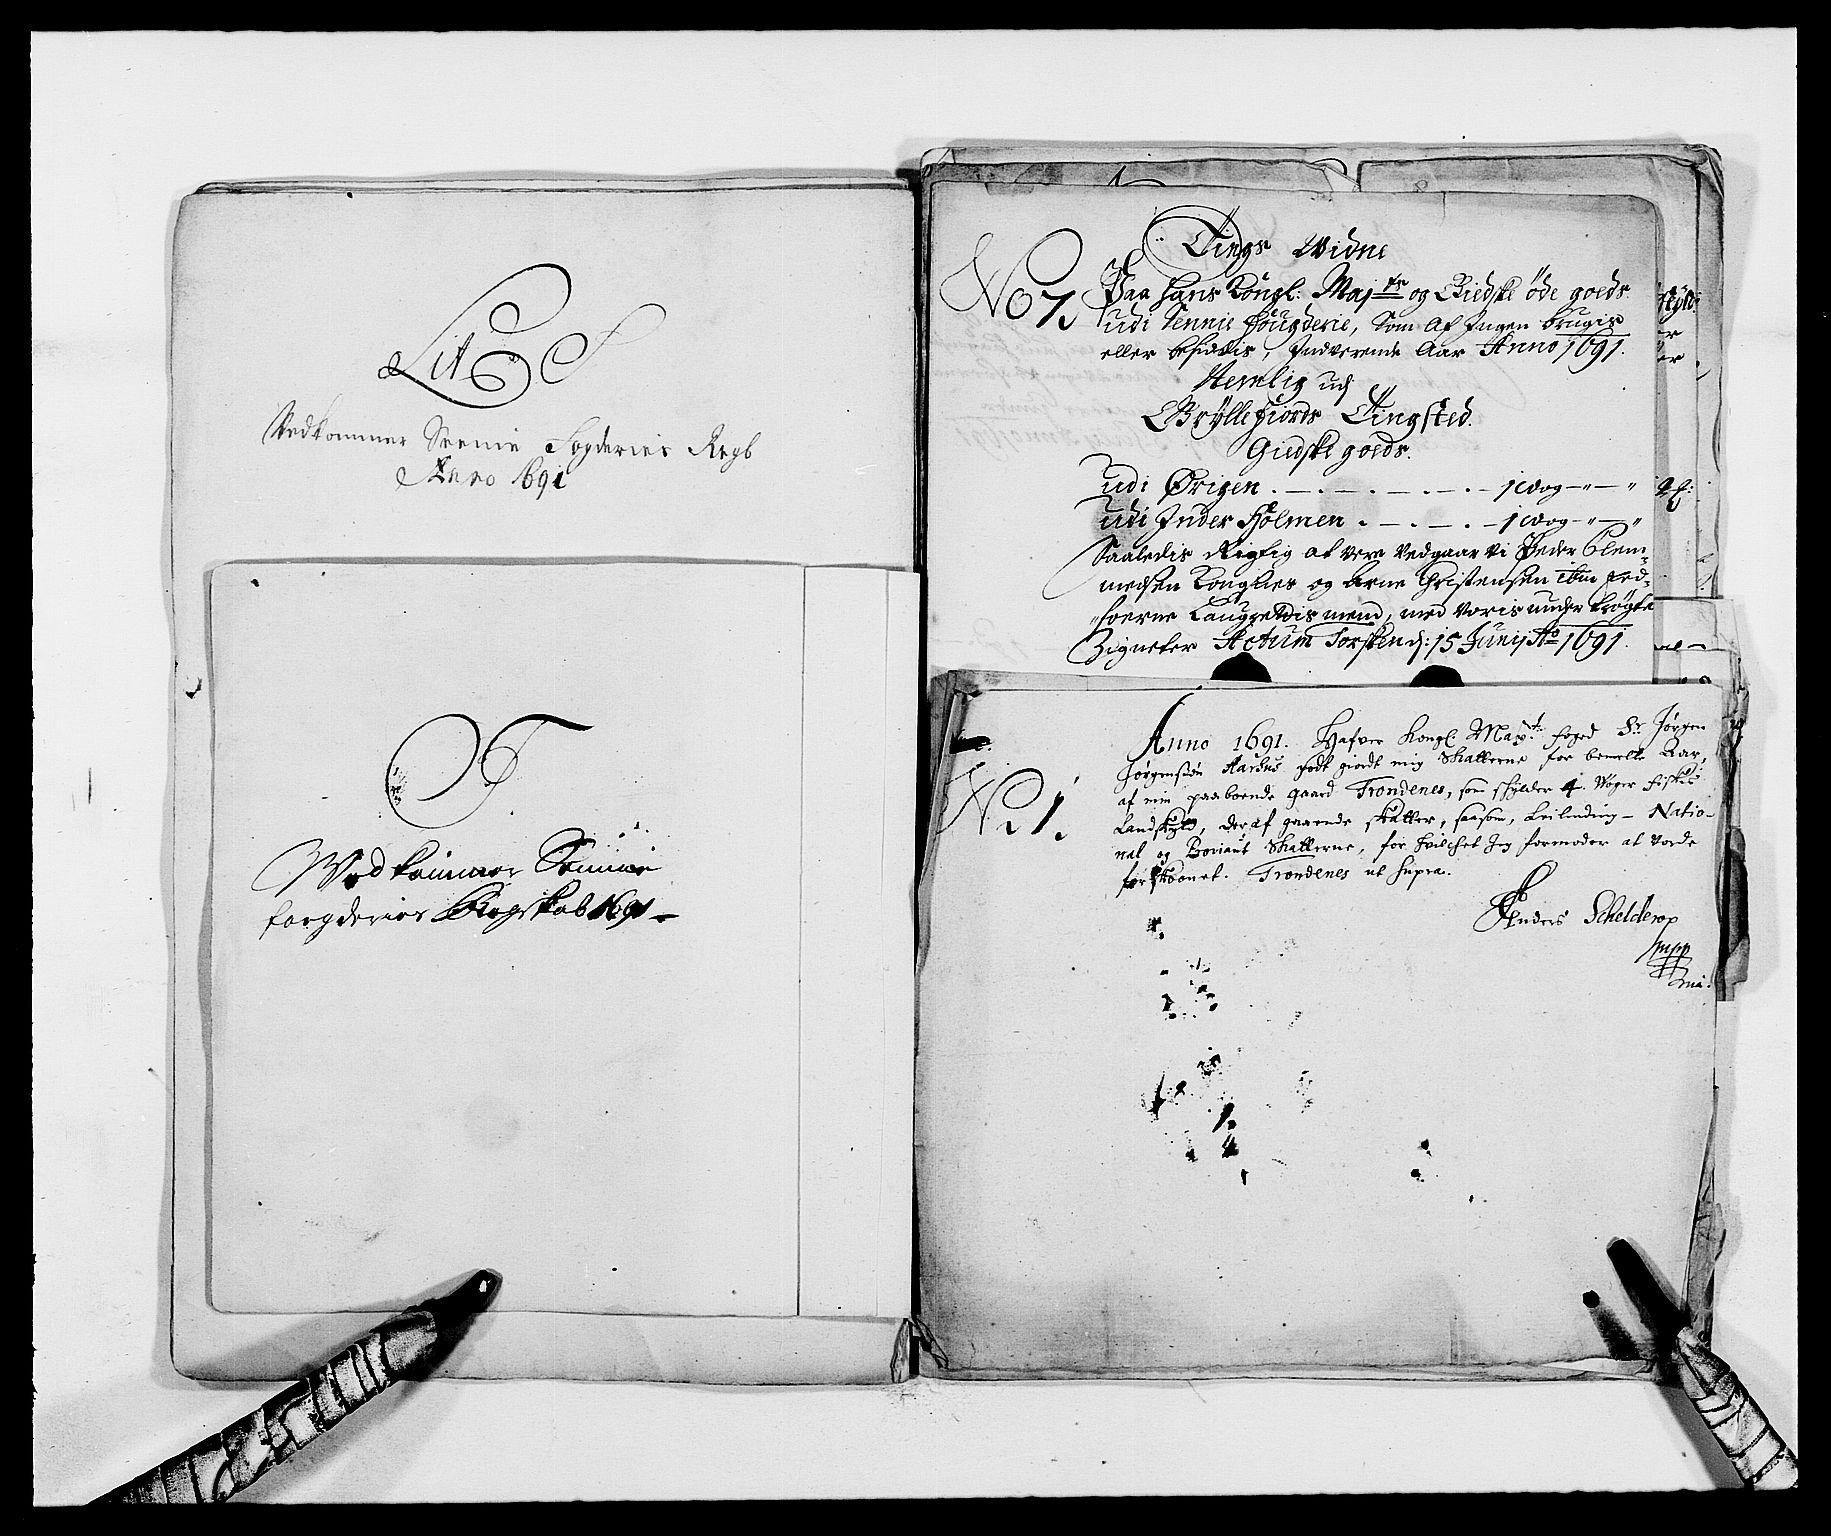 RA, Rentekammeret inntil 1814, Reviderte regnskaper, Fogderegnskap, R68/L4752: Fogderegnskap Senja og Troms, 1691-1693, s. 133